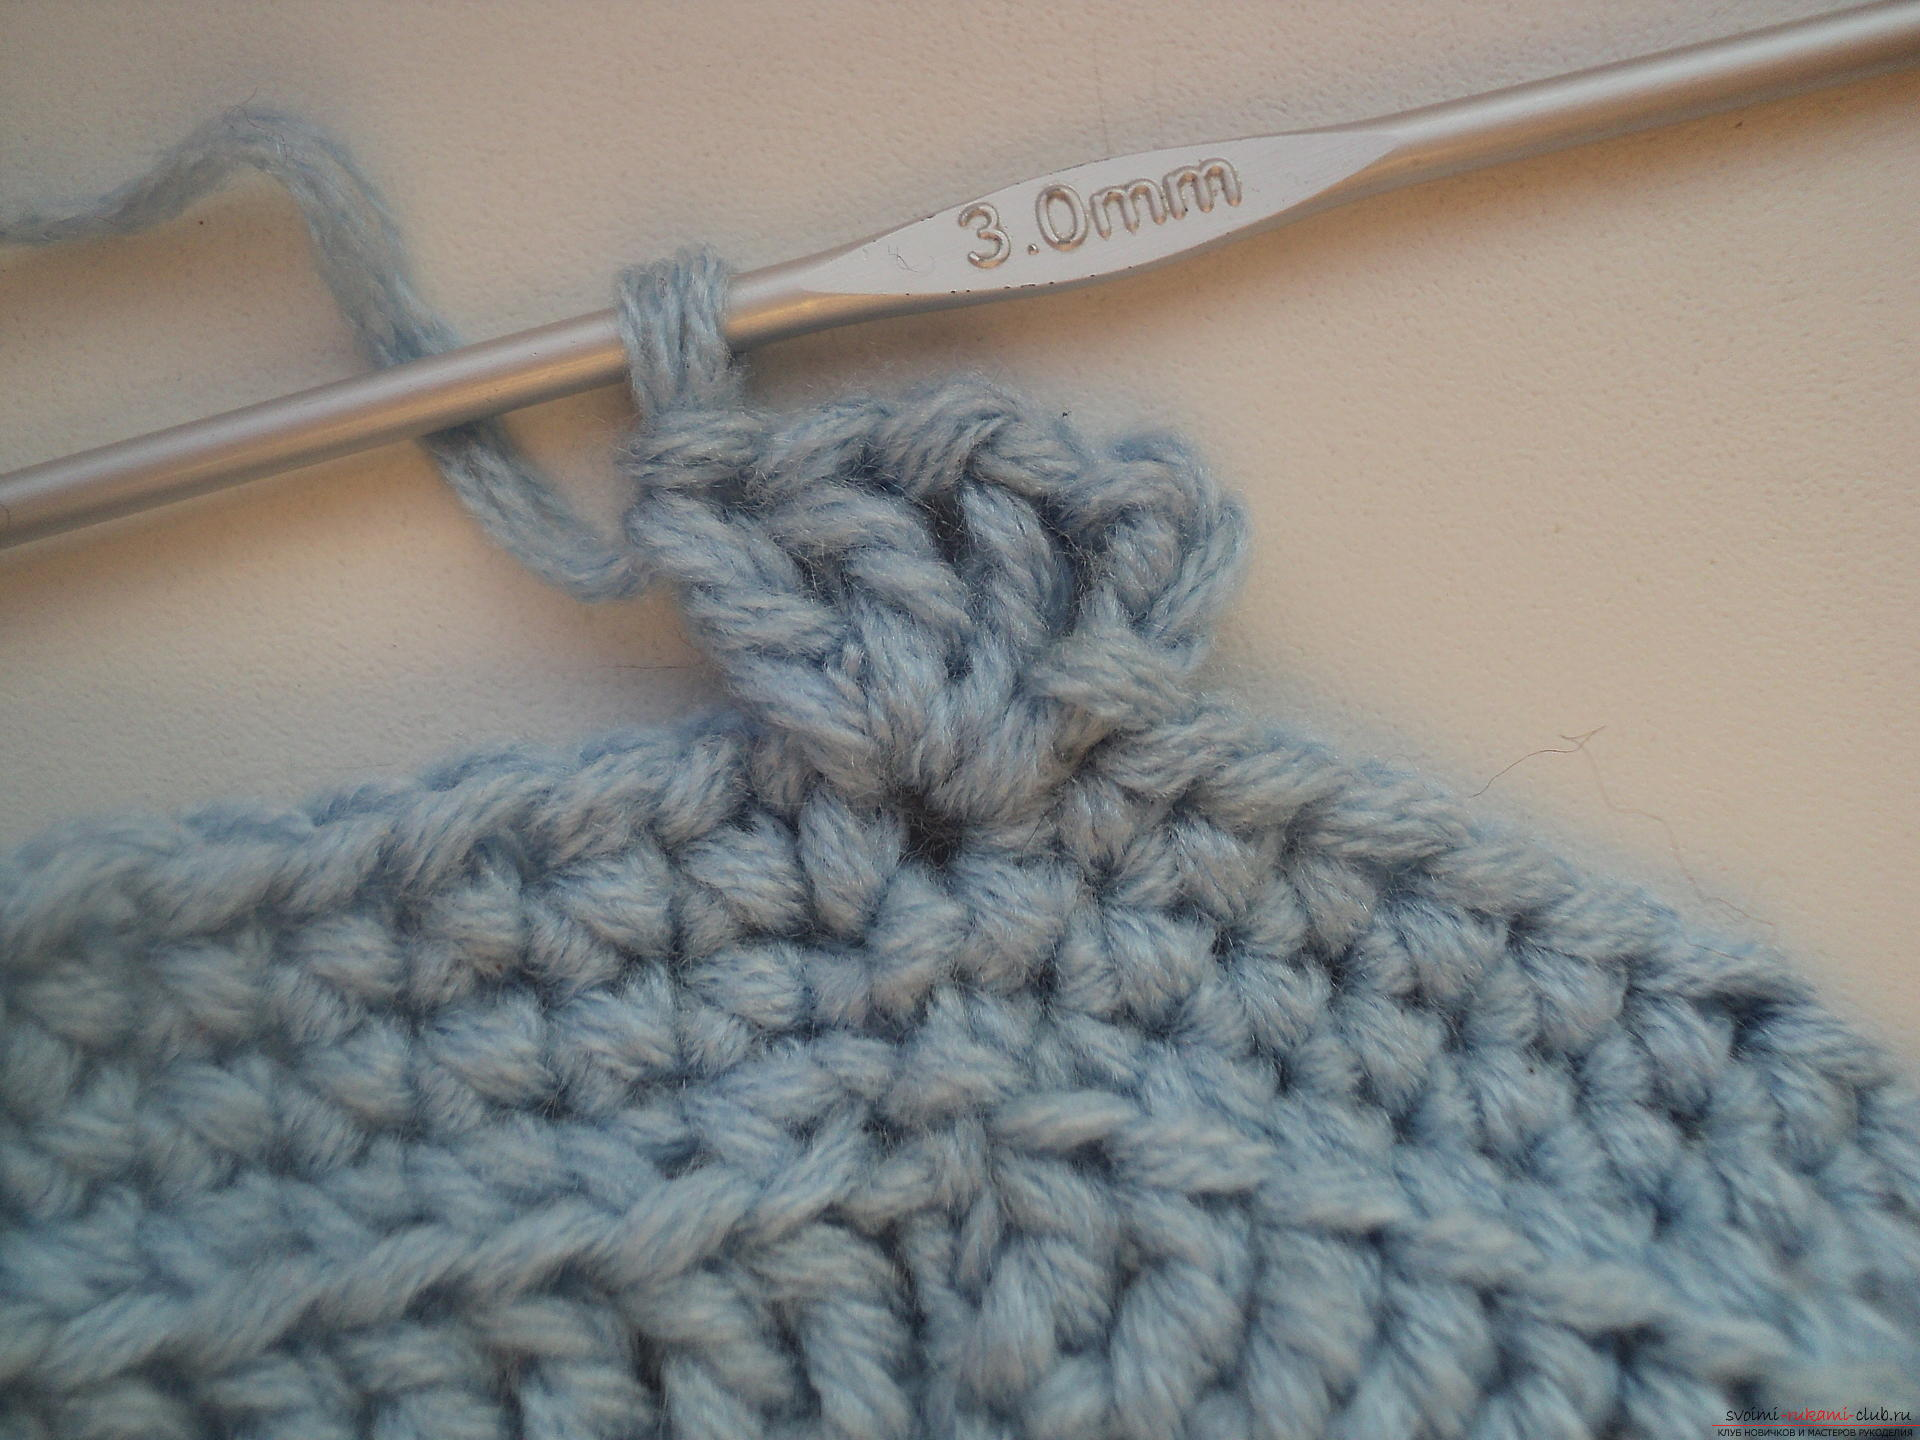 Мастер-класс по вязанию крючком подробно описывает создание оригинальной конфетницы своими руками.. Фото №5